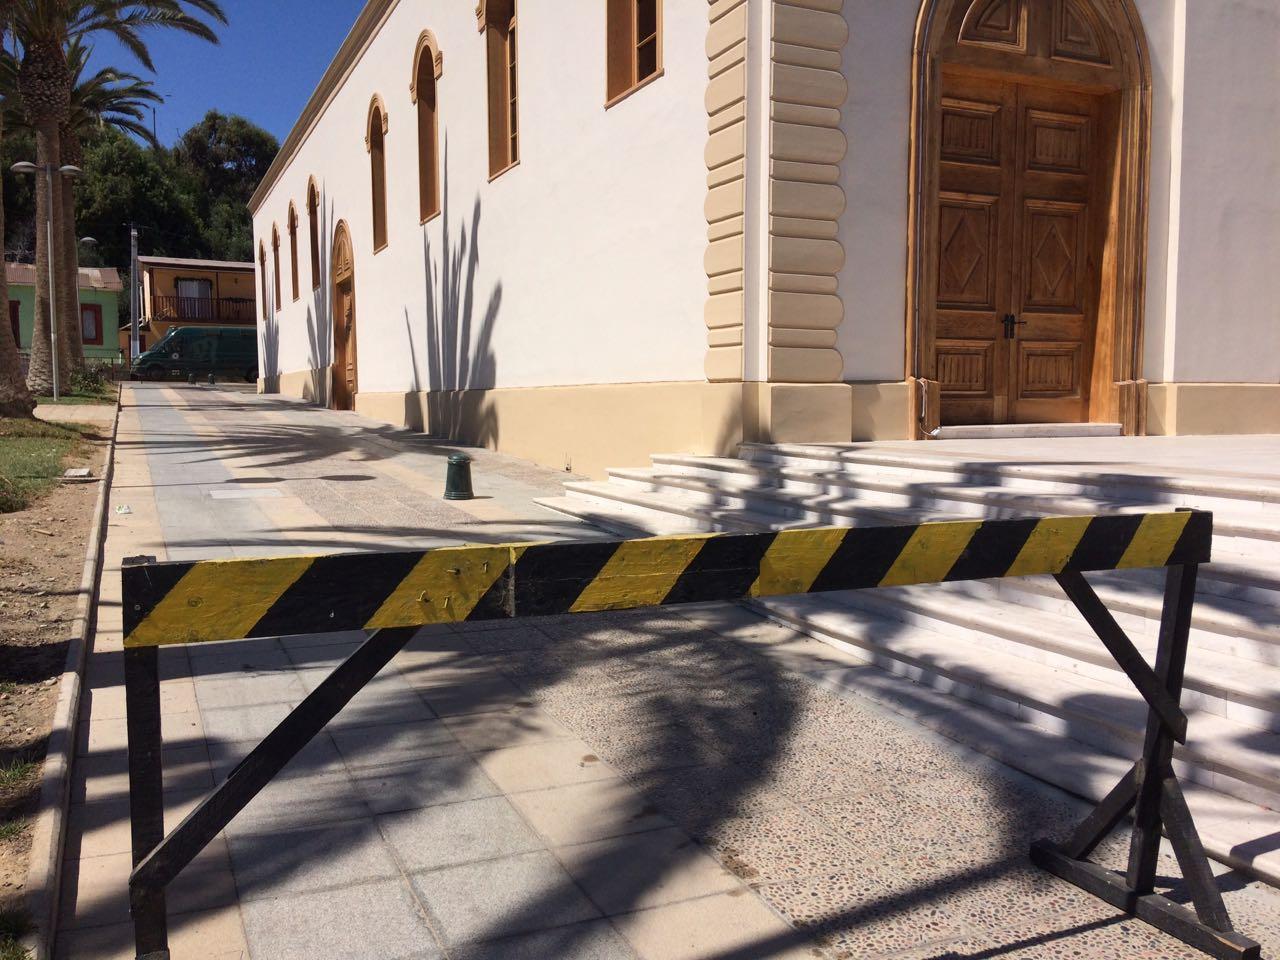 Iglesia Santa Rosa de Freirina ya tiene sus primeros daños a menos de un mes de entregada a comunidad